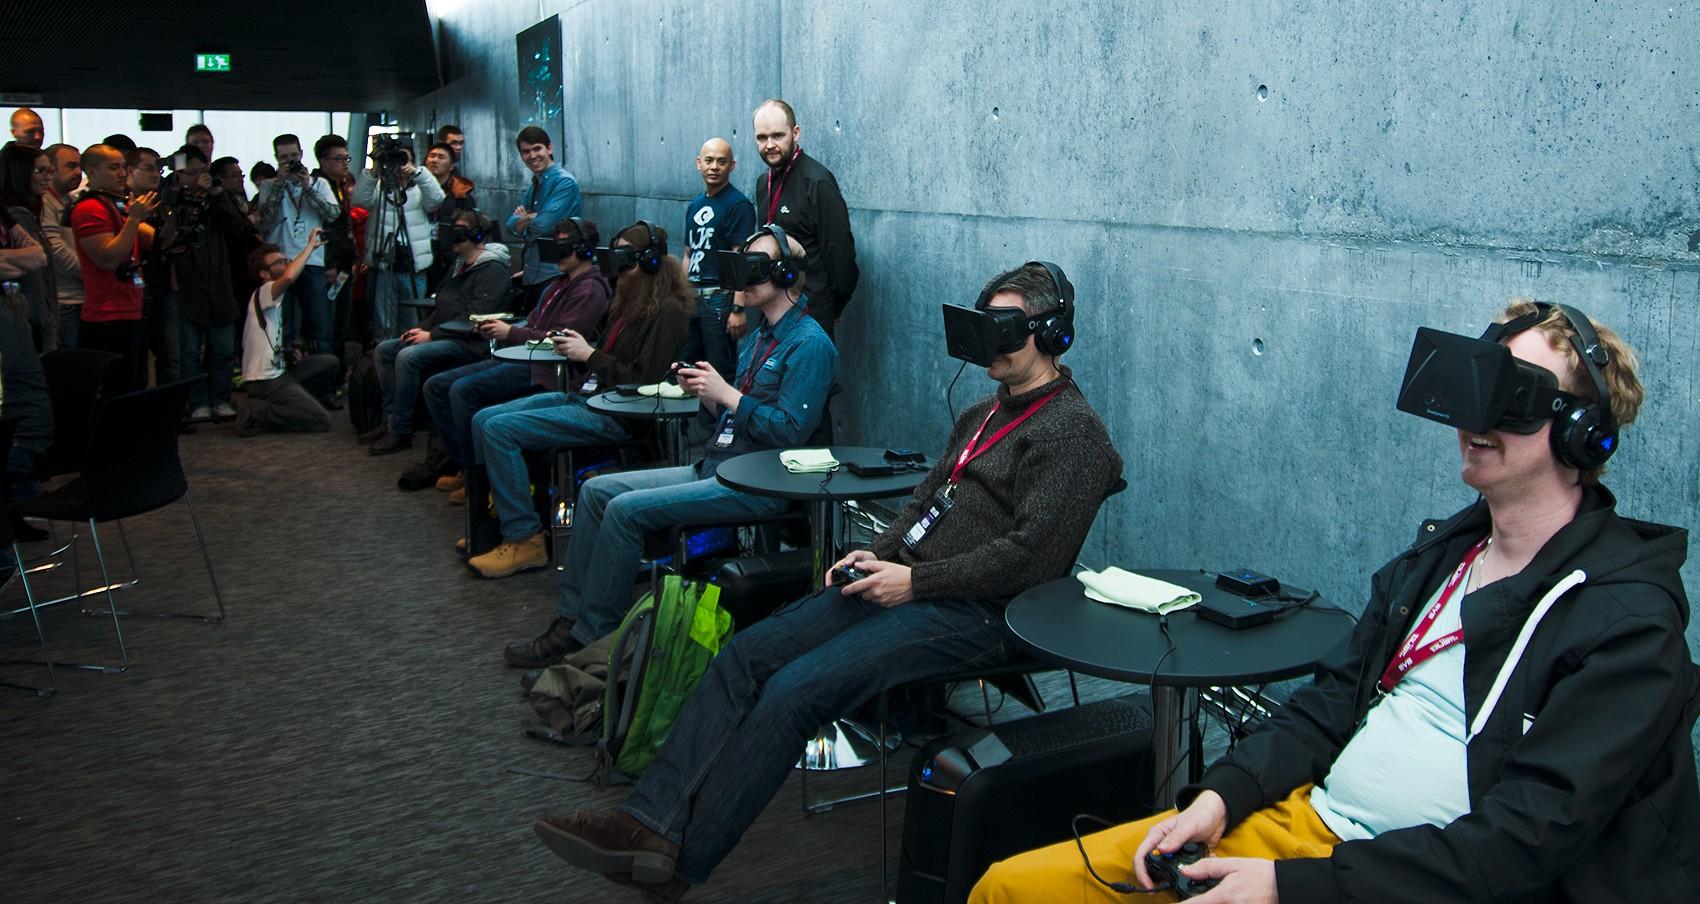 Системы виртуальной реальности